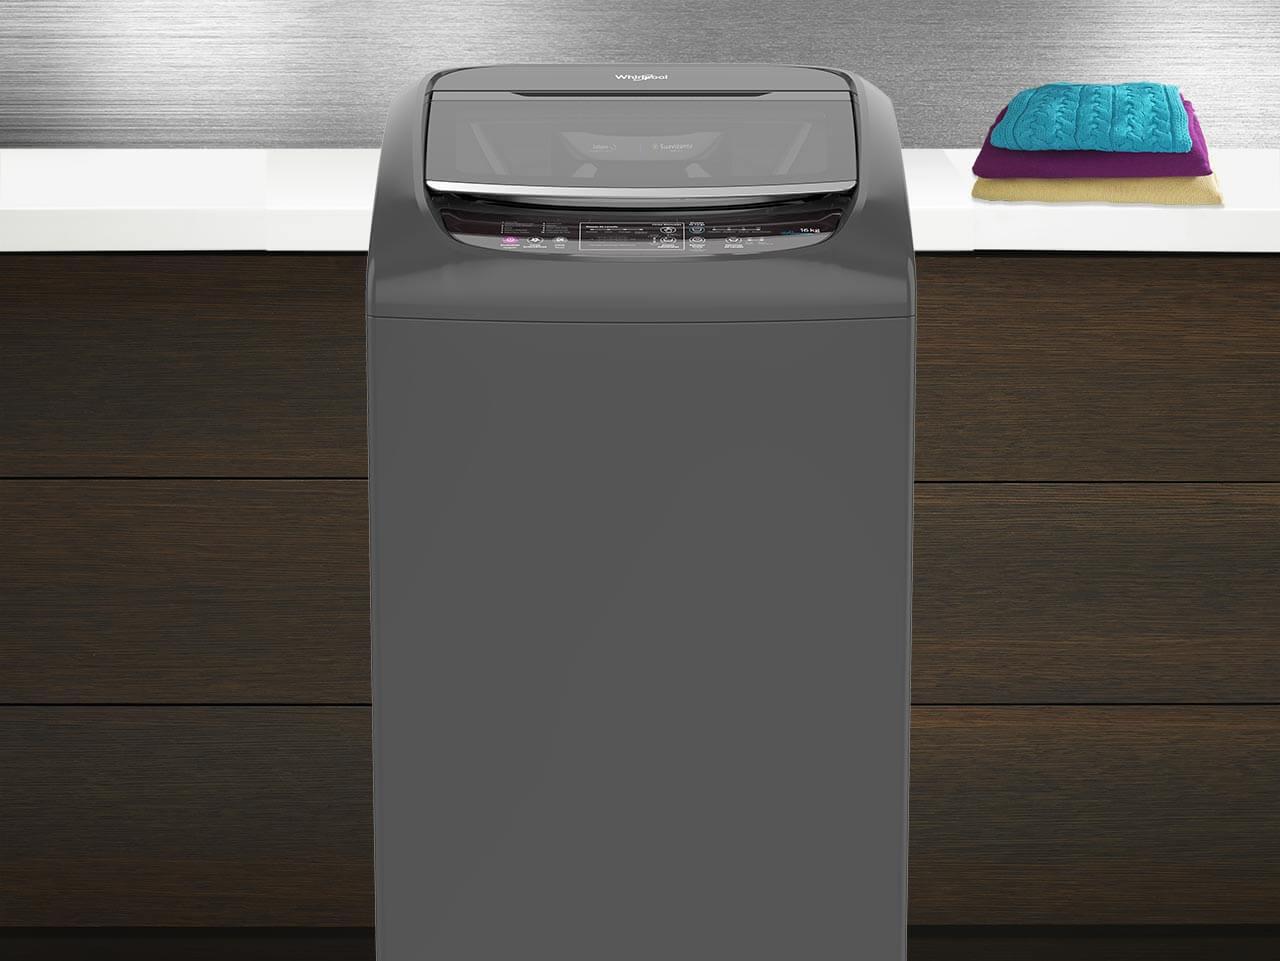 ista frontal de la lavadora